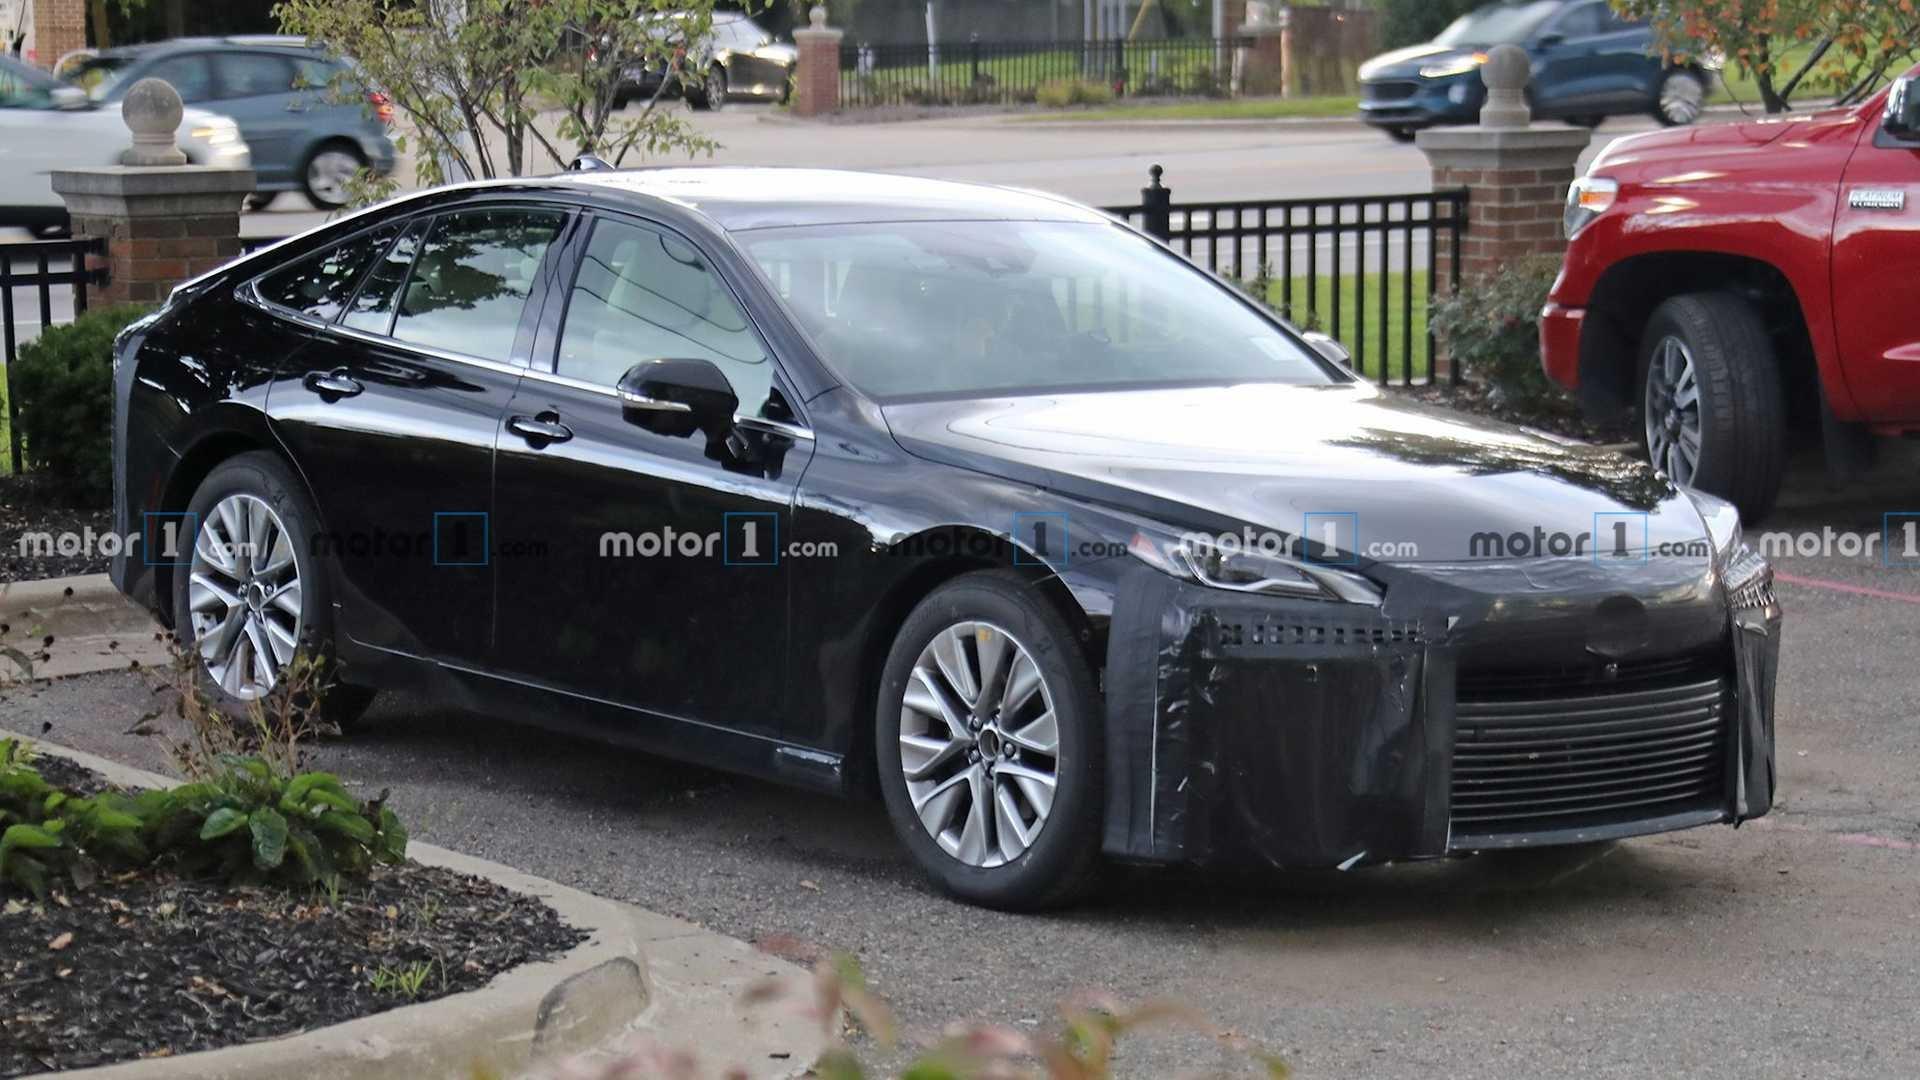 Next-Gen Toyota Mirai Spied With Little Camouflage Hiding Sleek Design